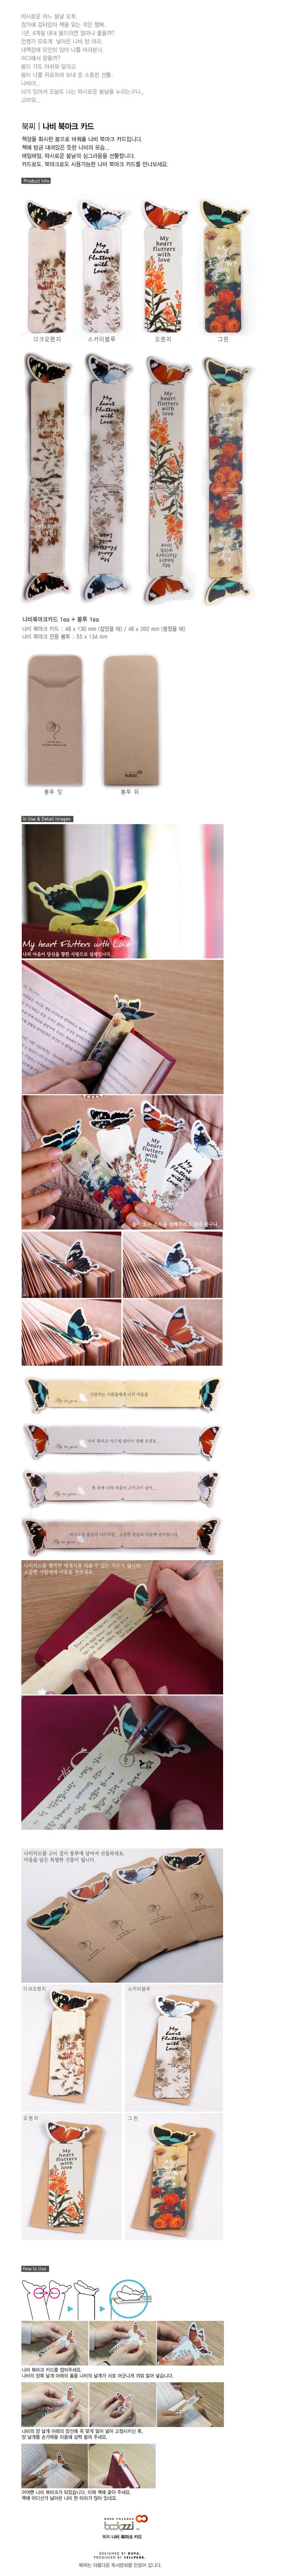 나비의 꿈 (4종 택1) - 책갈피 북마크 카드 - 북프렌즈, 800원, 북마크/책갈피, 심플